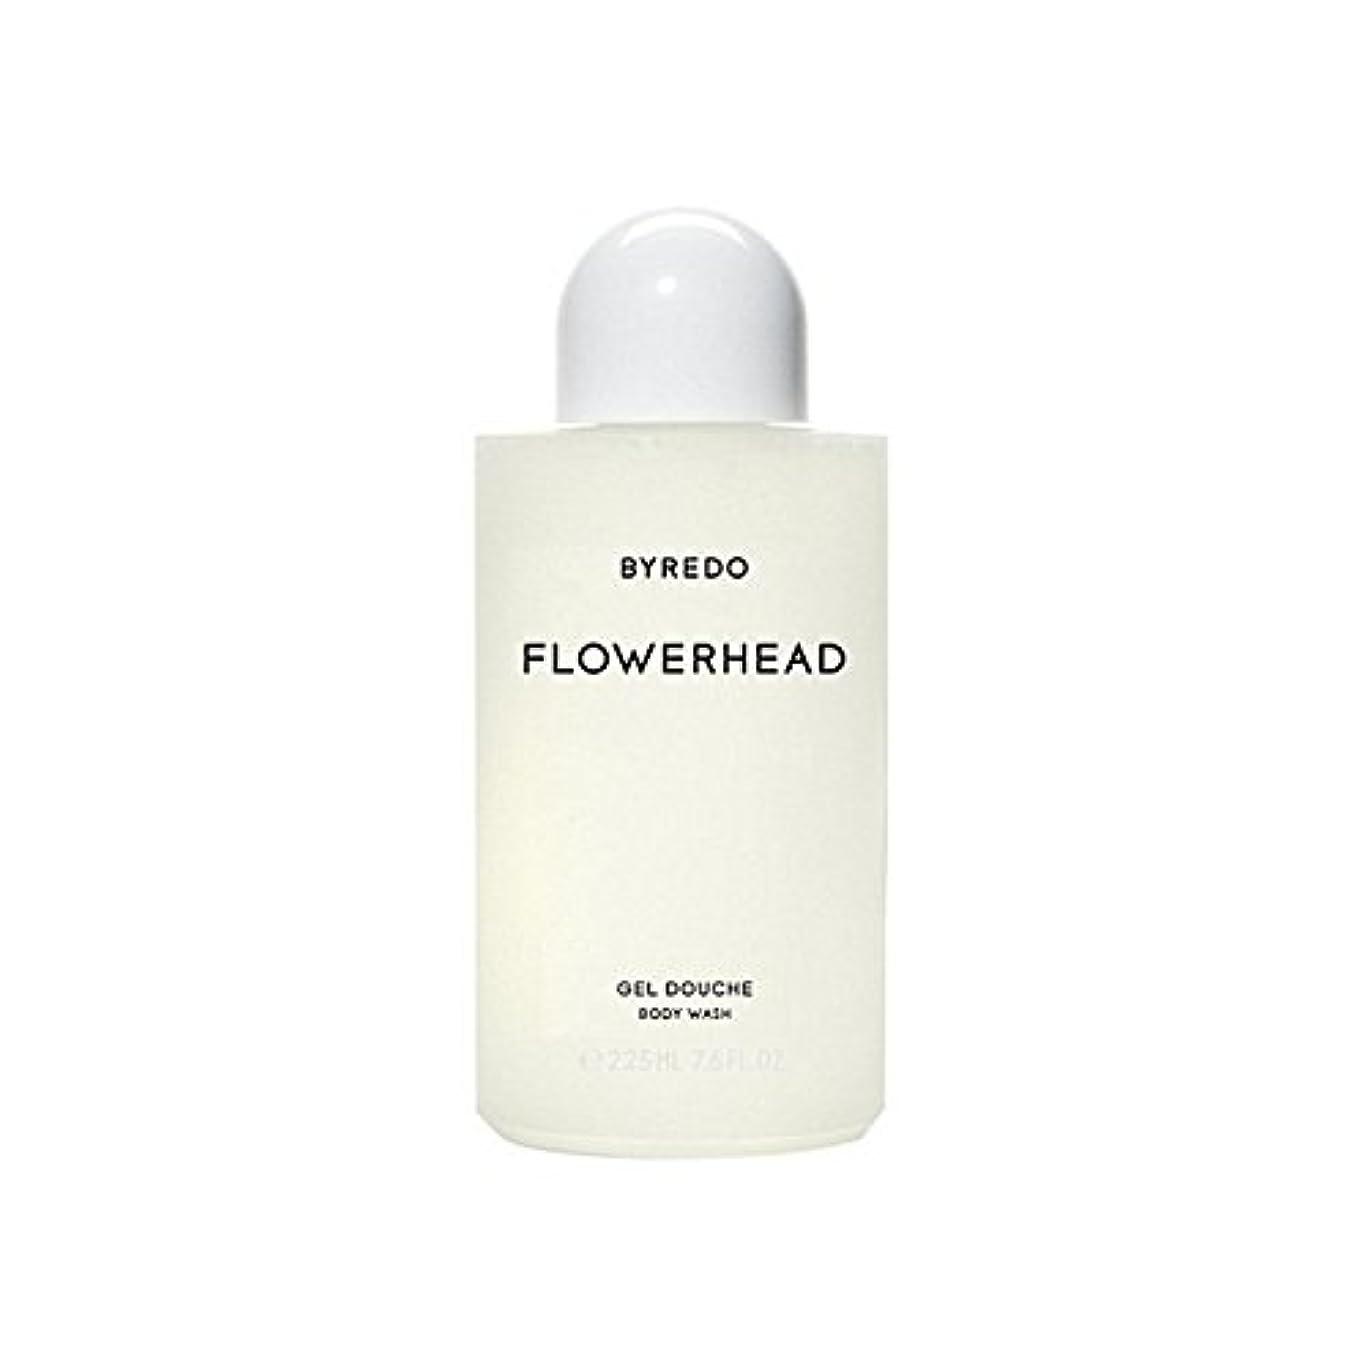 振る舞うロケット現象Byredo Flowerhead Body Wash 225ml - ボディウォッシュ225ミリリットル [並行輸入品]